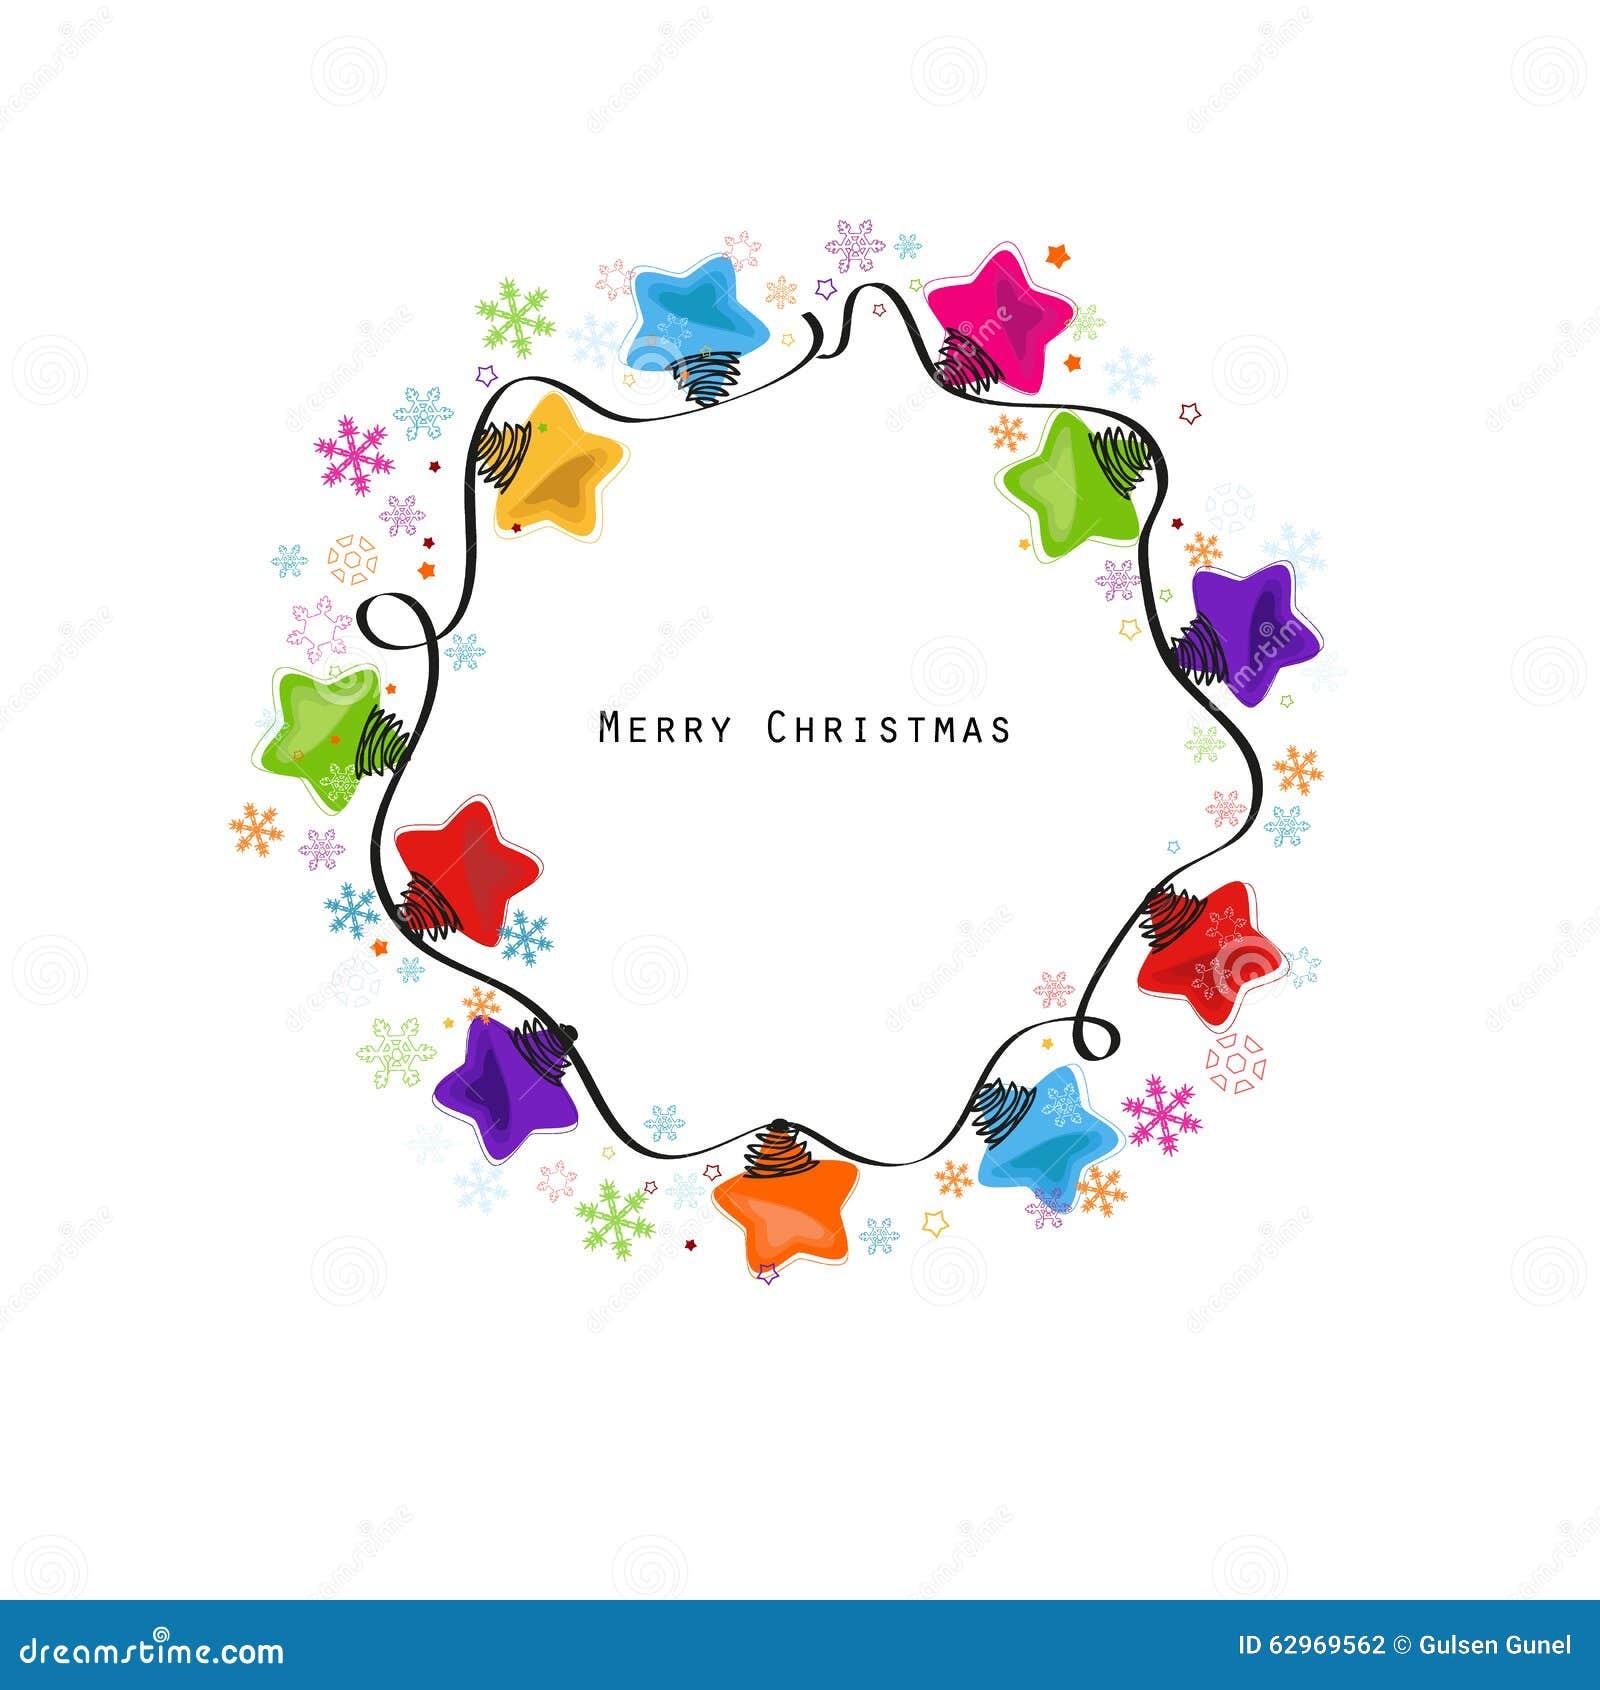 Vektor för kort för hälsning för nytt år för ljus kula för julstjärna